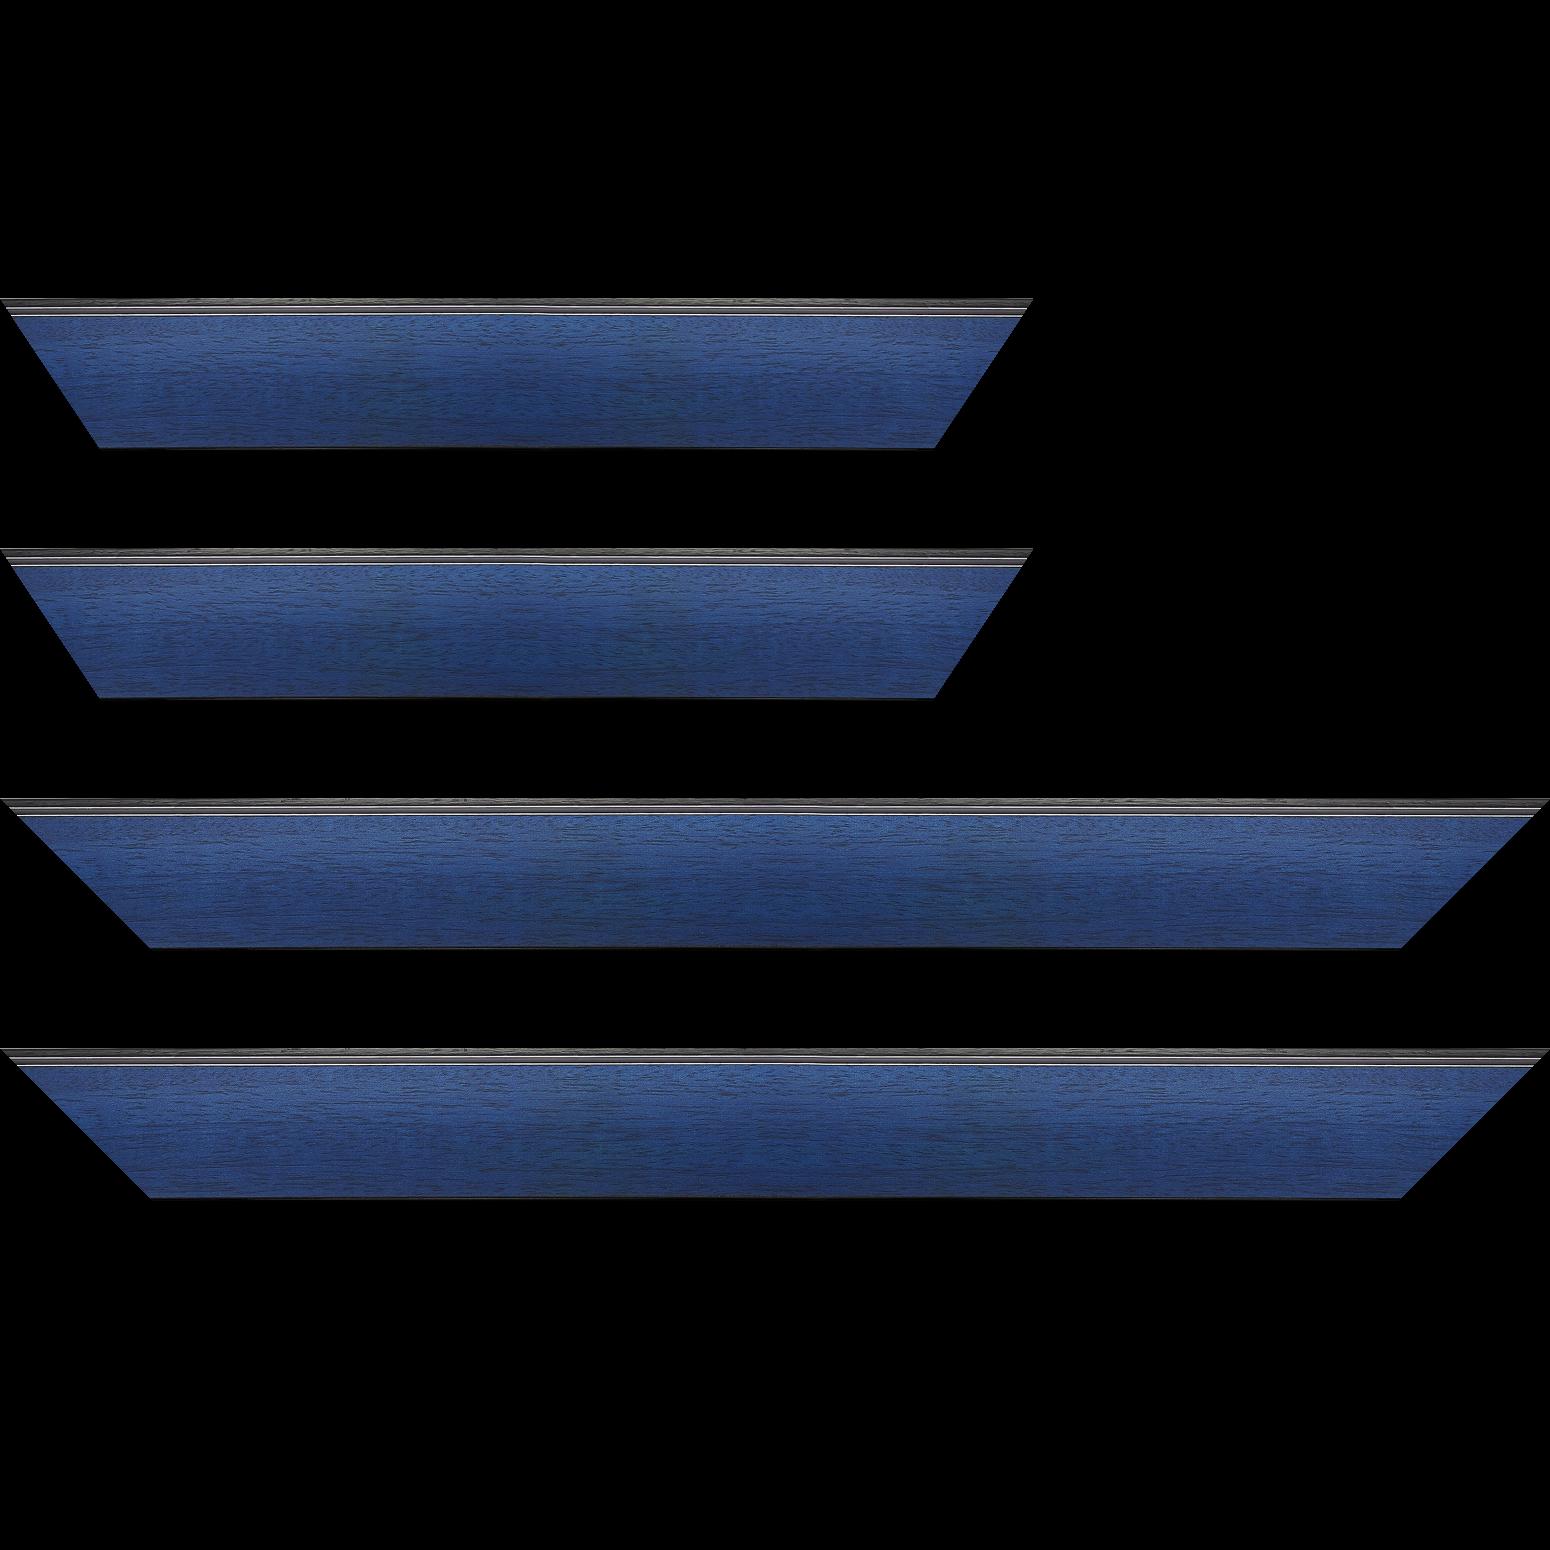 Baguette service précoupé Bois profil en pente méplat largeur 4.8cm couleur bleu cobalt satiné surligné par une gorge extérieure noire : originalité et élégance assurée